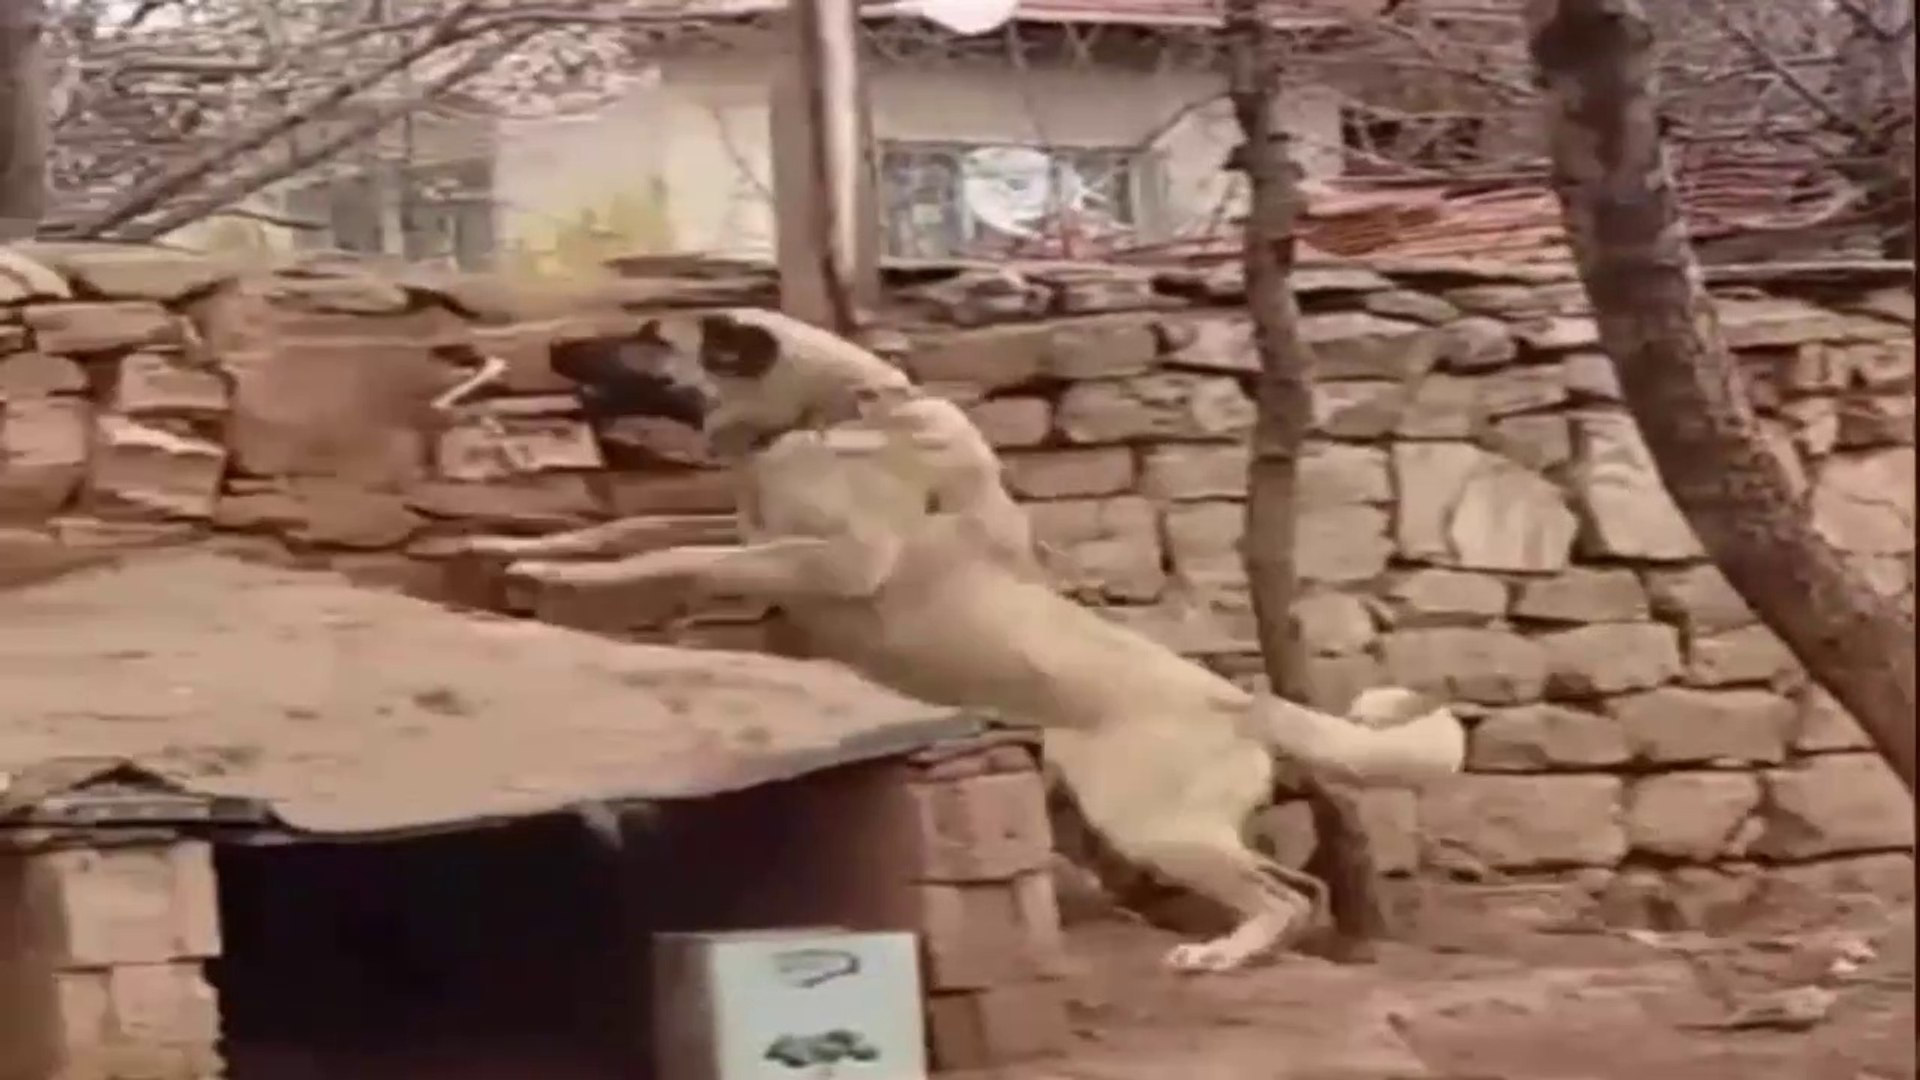 KANGAL HABER VERiYOR YABANCI BiR CiSiM YAKLASIYOR - KANGAL SHEPHERD DOG